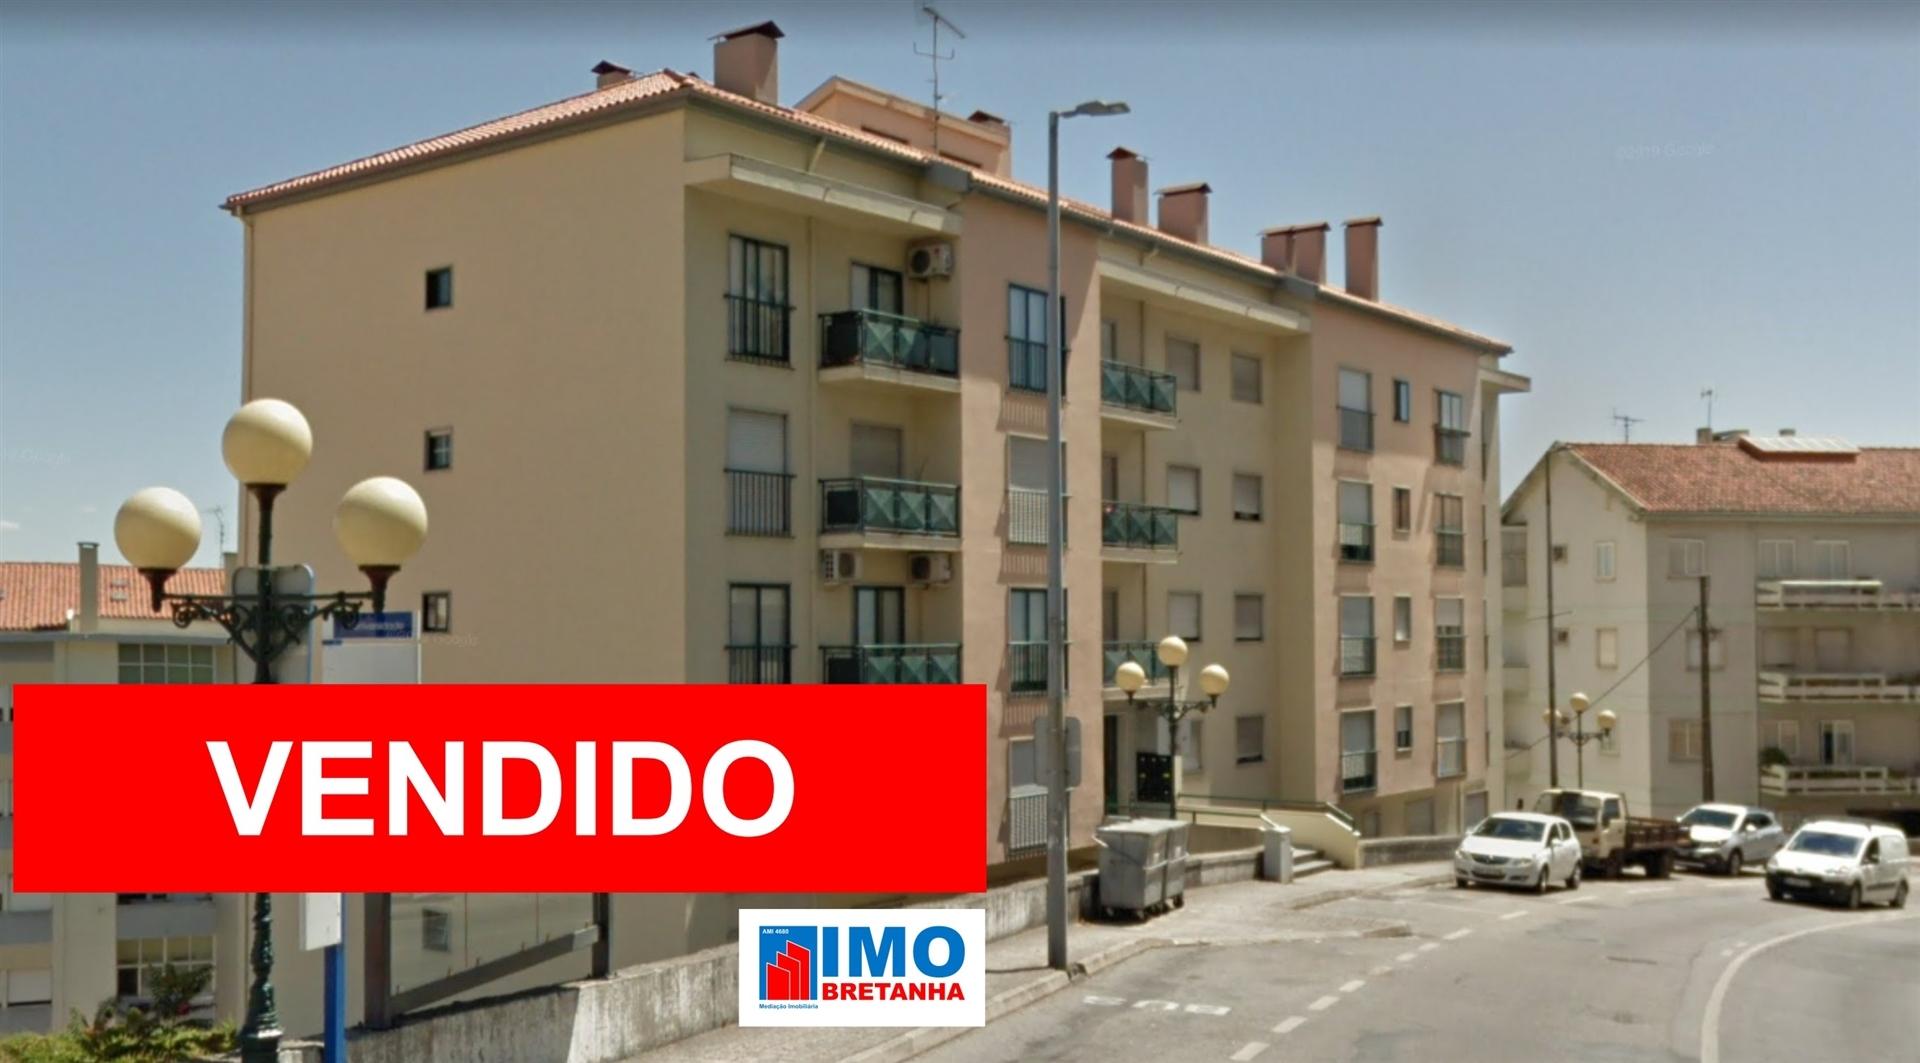 VENDIDO - T4 - Av. da Universidade - UBI